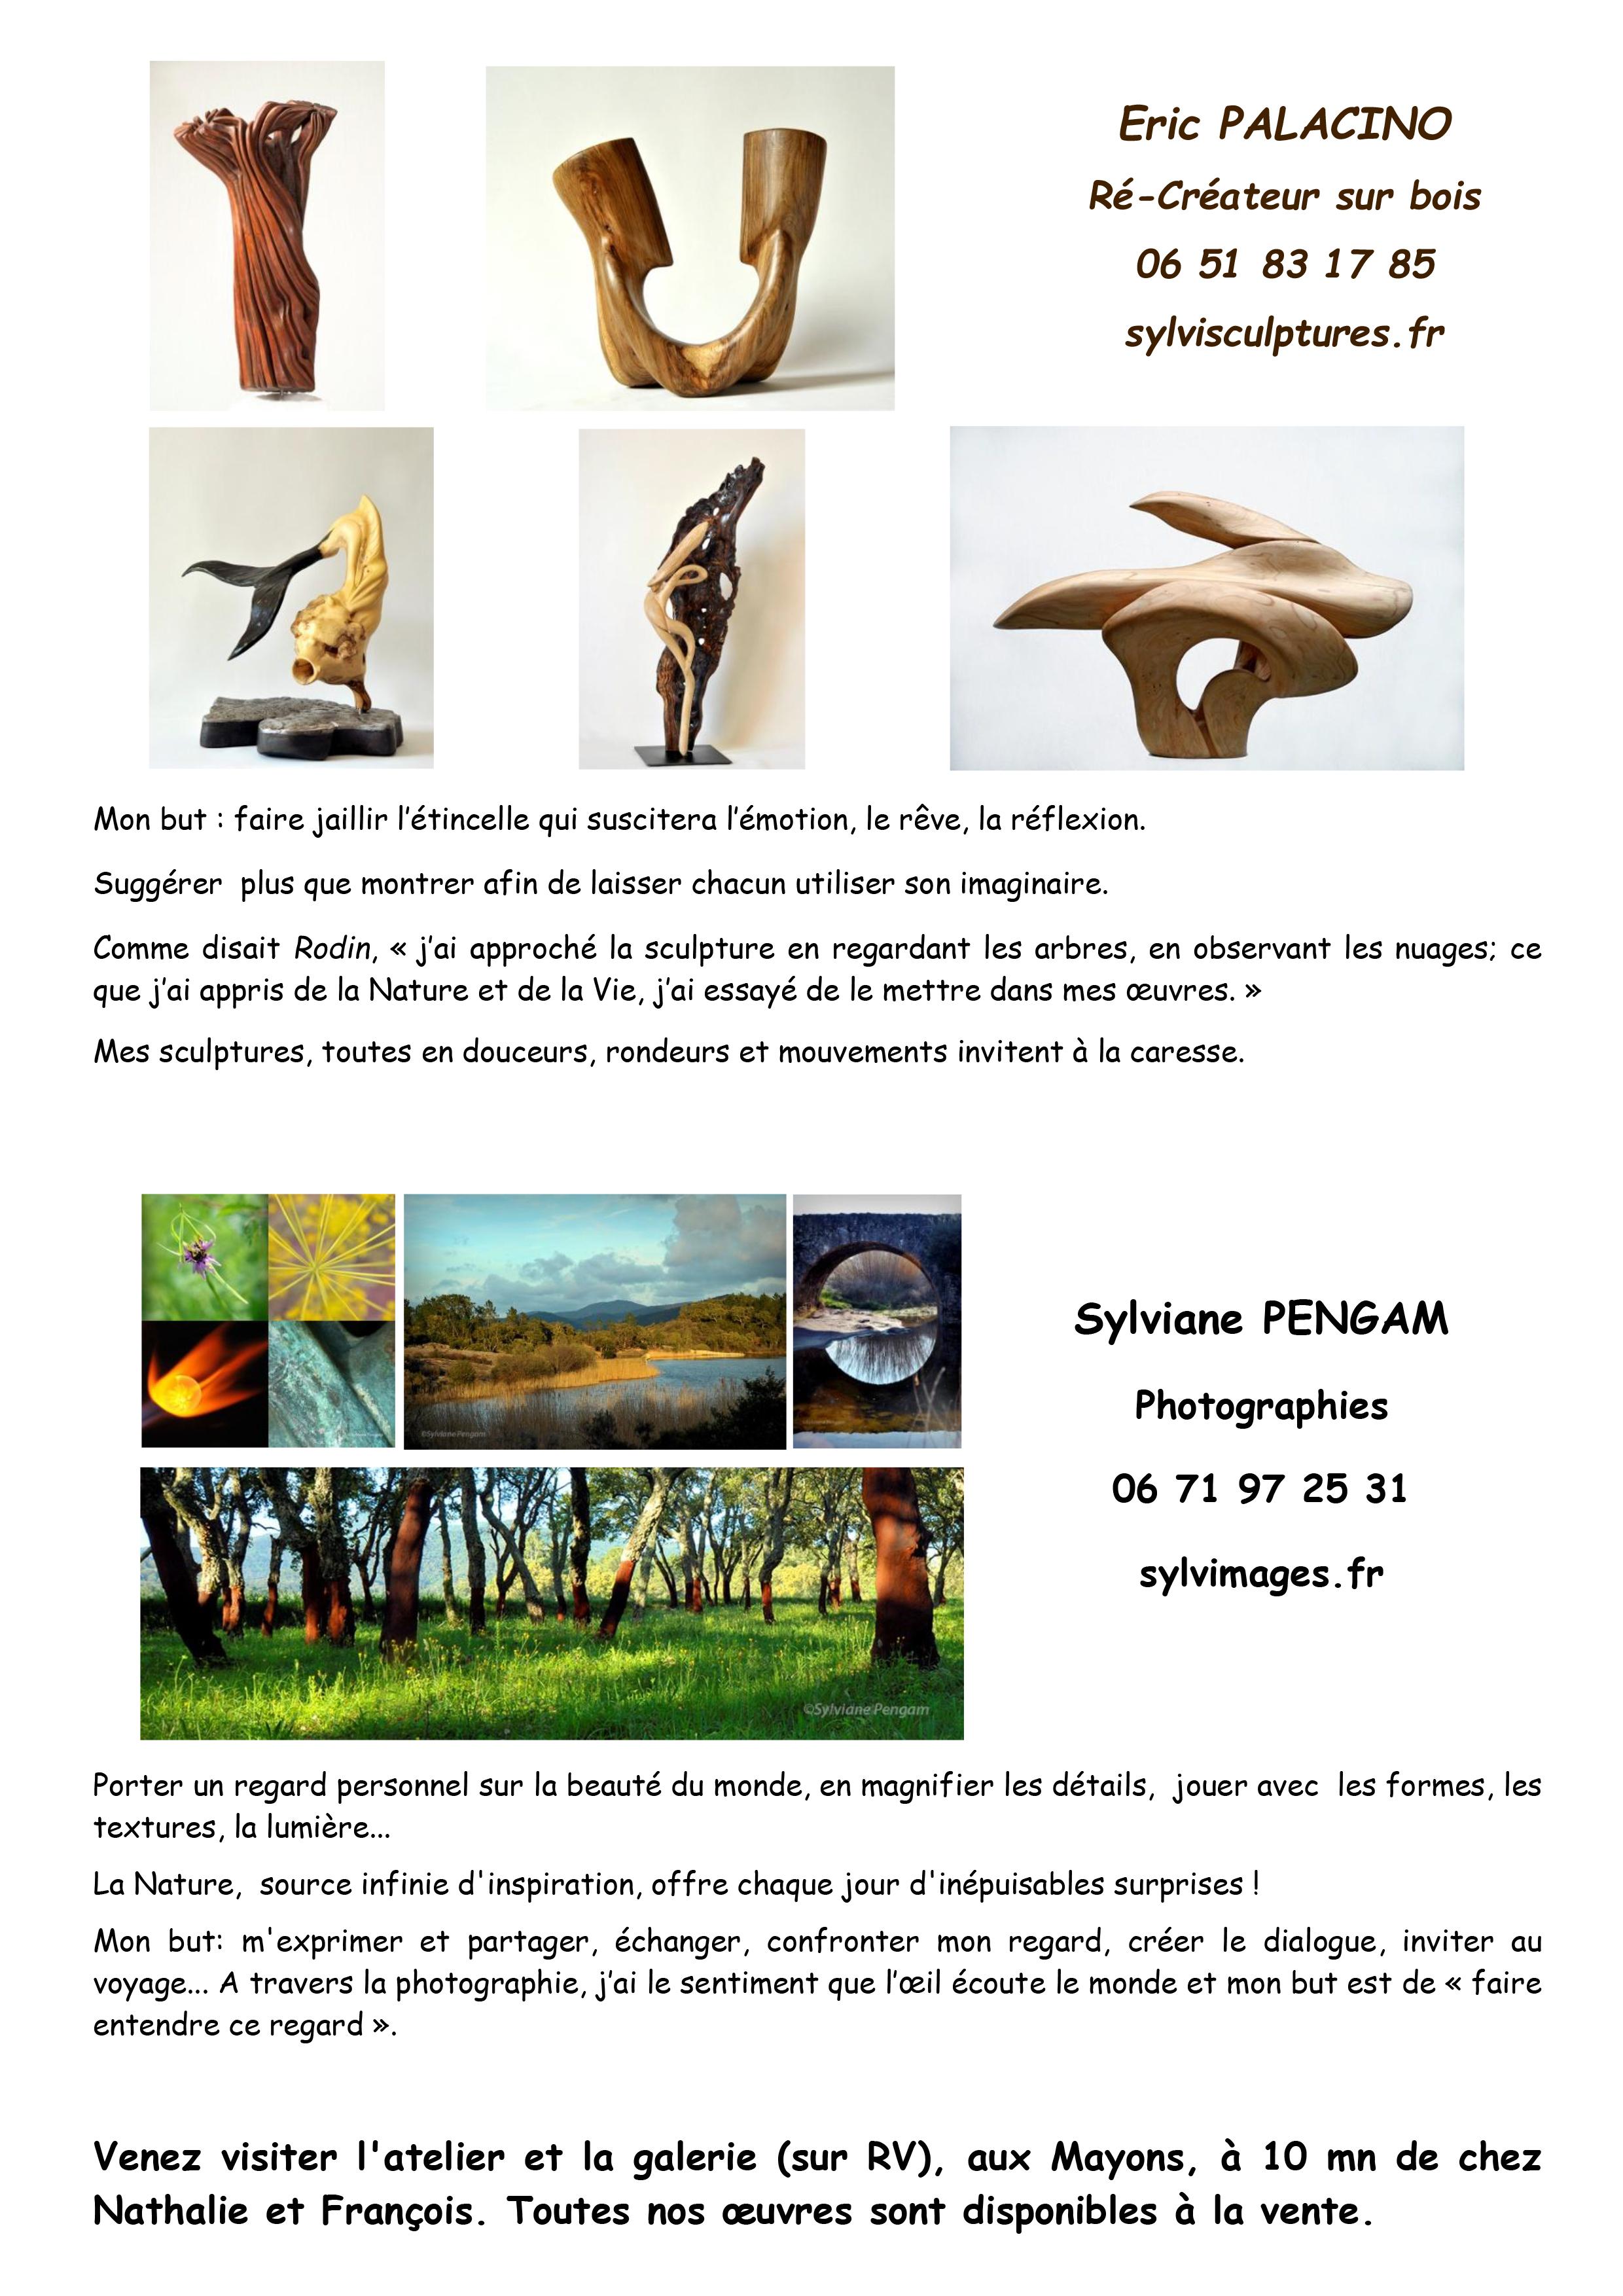 Sylviane Pengam photographe et Eric Palacino sculpteur ré-créateur sur bois dans le Var Cote d'Azur